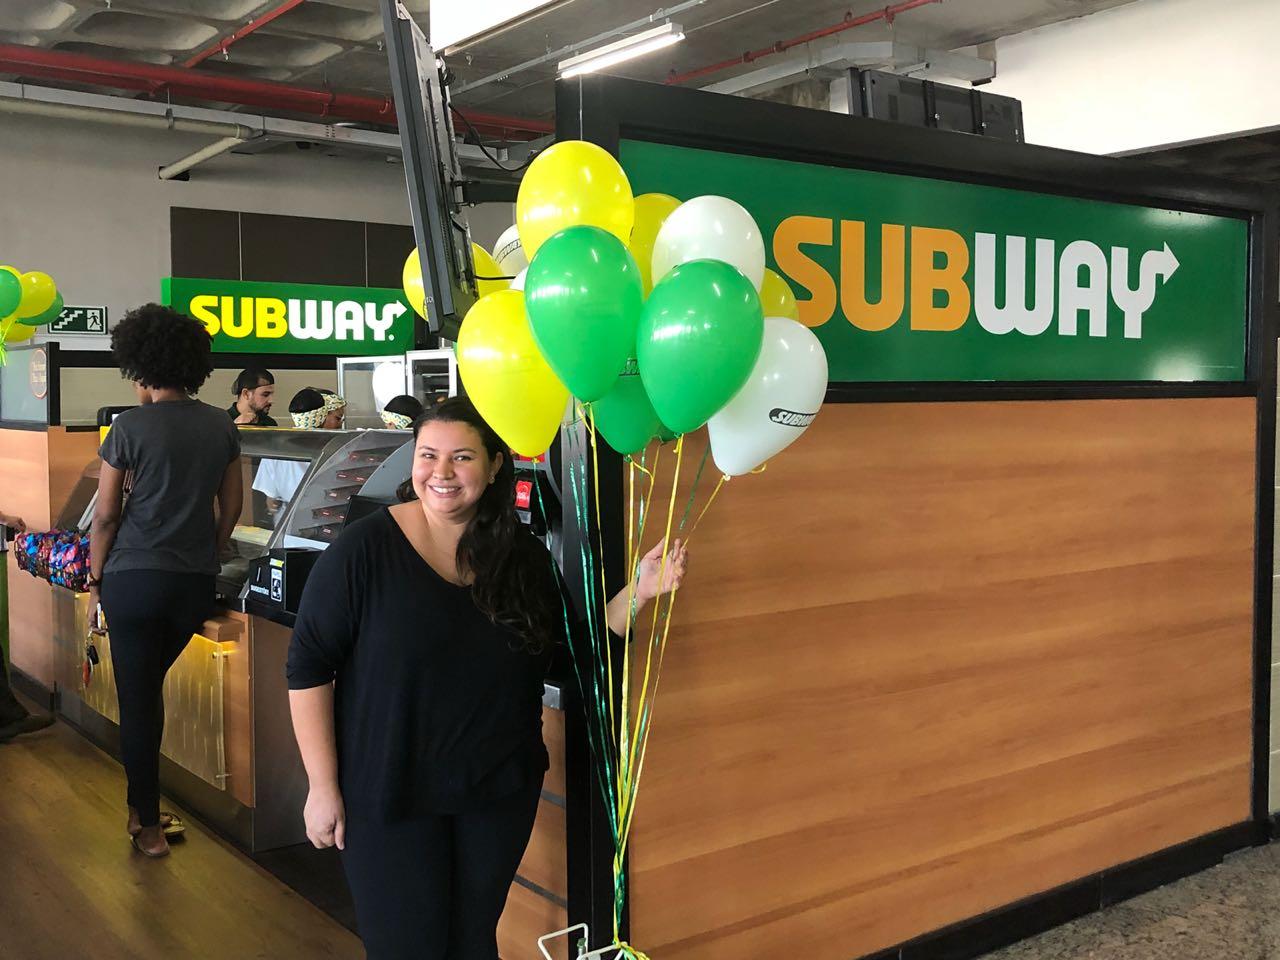 Público do Centerminas agora aproveita as delícias da Subway